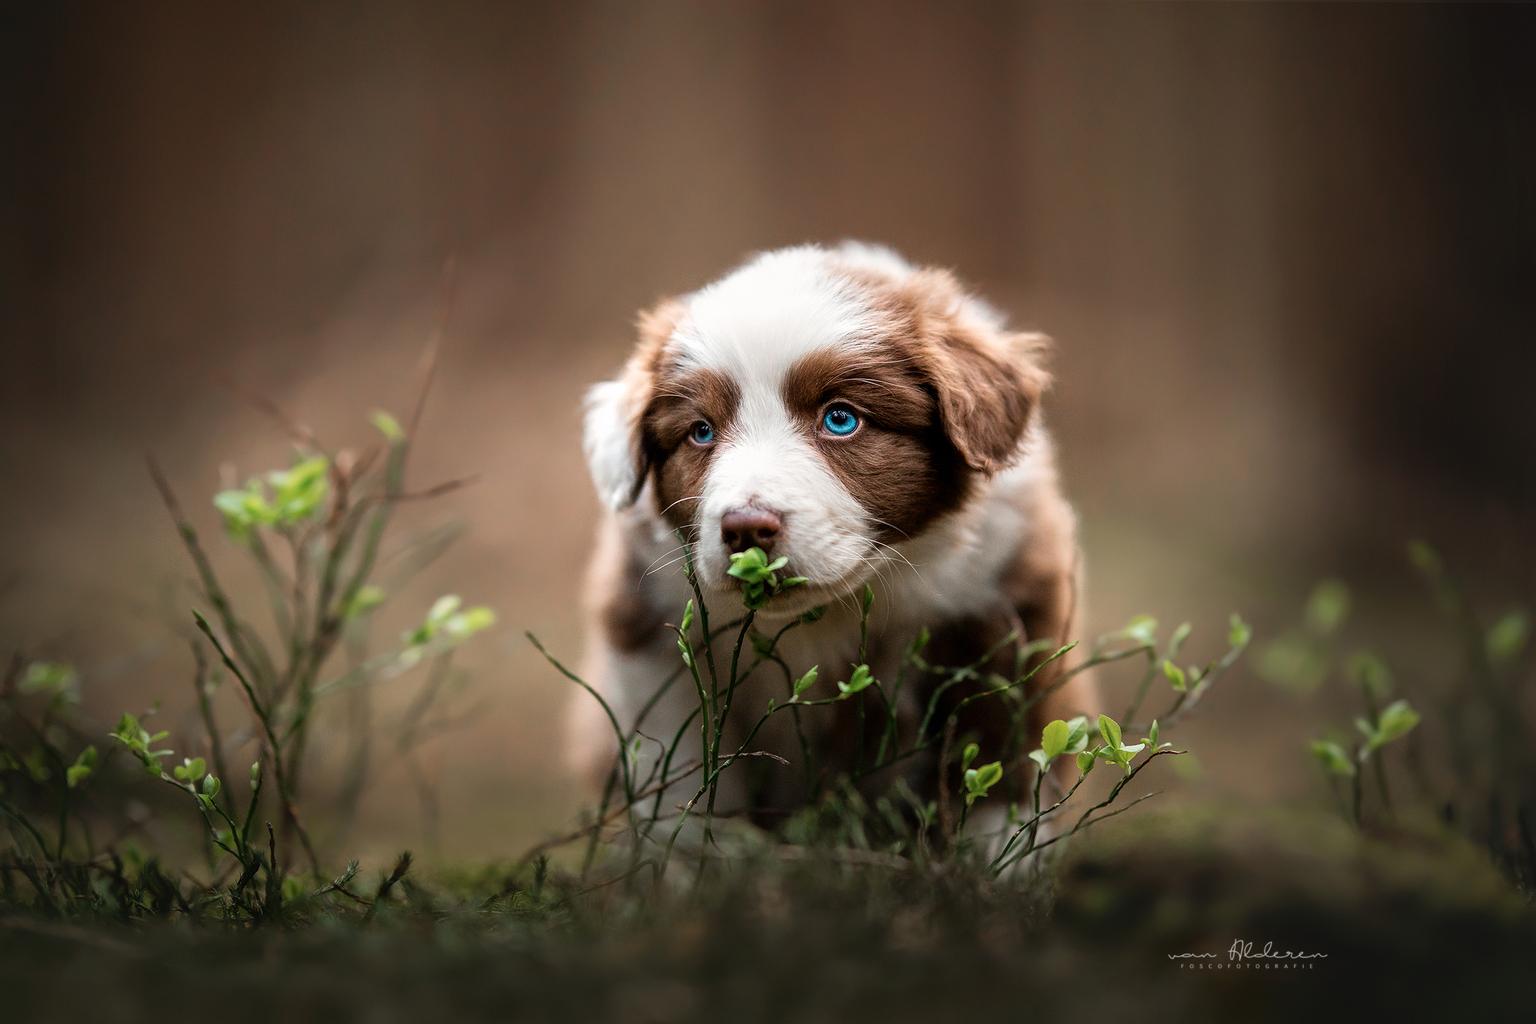 Puppy Sam - Een portret van Australian shepherd puppy Sam snuffelt aan een blaadje. - foto door foscofotografie op 04-05-2021 - locatie: 5081 Hilvarenbeek, Nederland - deze foto bevat: hond, honden, puppy, schattig, lief, natuur, plantje, blauwe ogen, dier, dieren, dierenfotografie, hondenfotografie, portret, canon, sigma, hondenfotograaf, dierenfotograaf, scherptediepte, wazige achtergrond, tegenlicht, dof, hond, fabriek, hondenras, lever, carnivoor, bakkebaarden, metgezel hond, gras, spaniël, verveeld